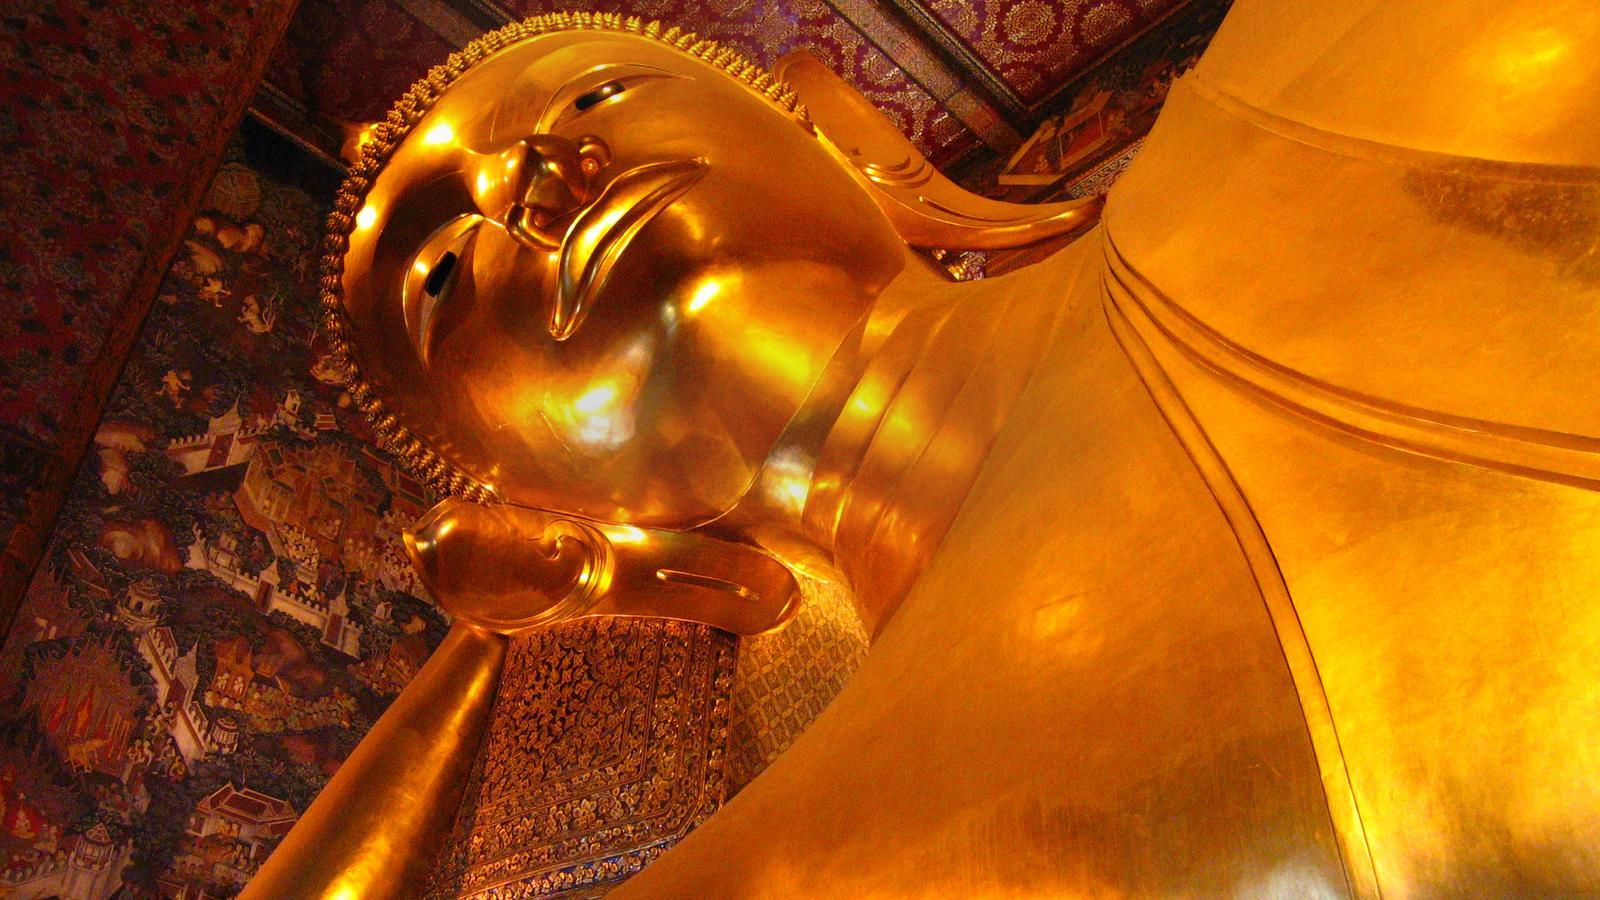 The Golden Buddha in Bangkok